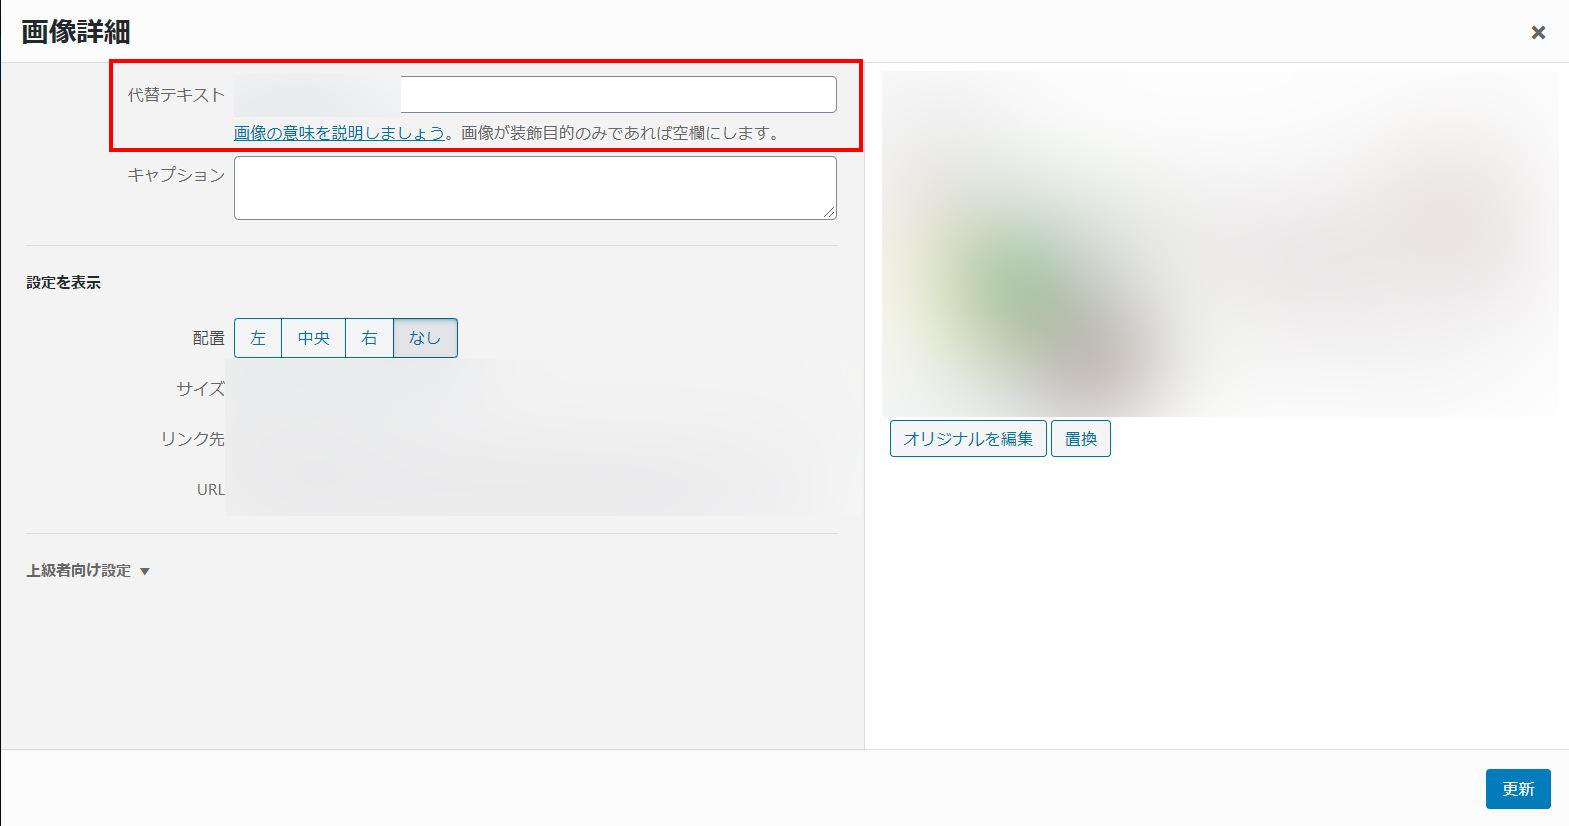 画像挿入後のalt属性設定方法2